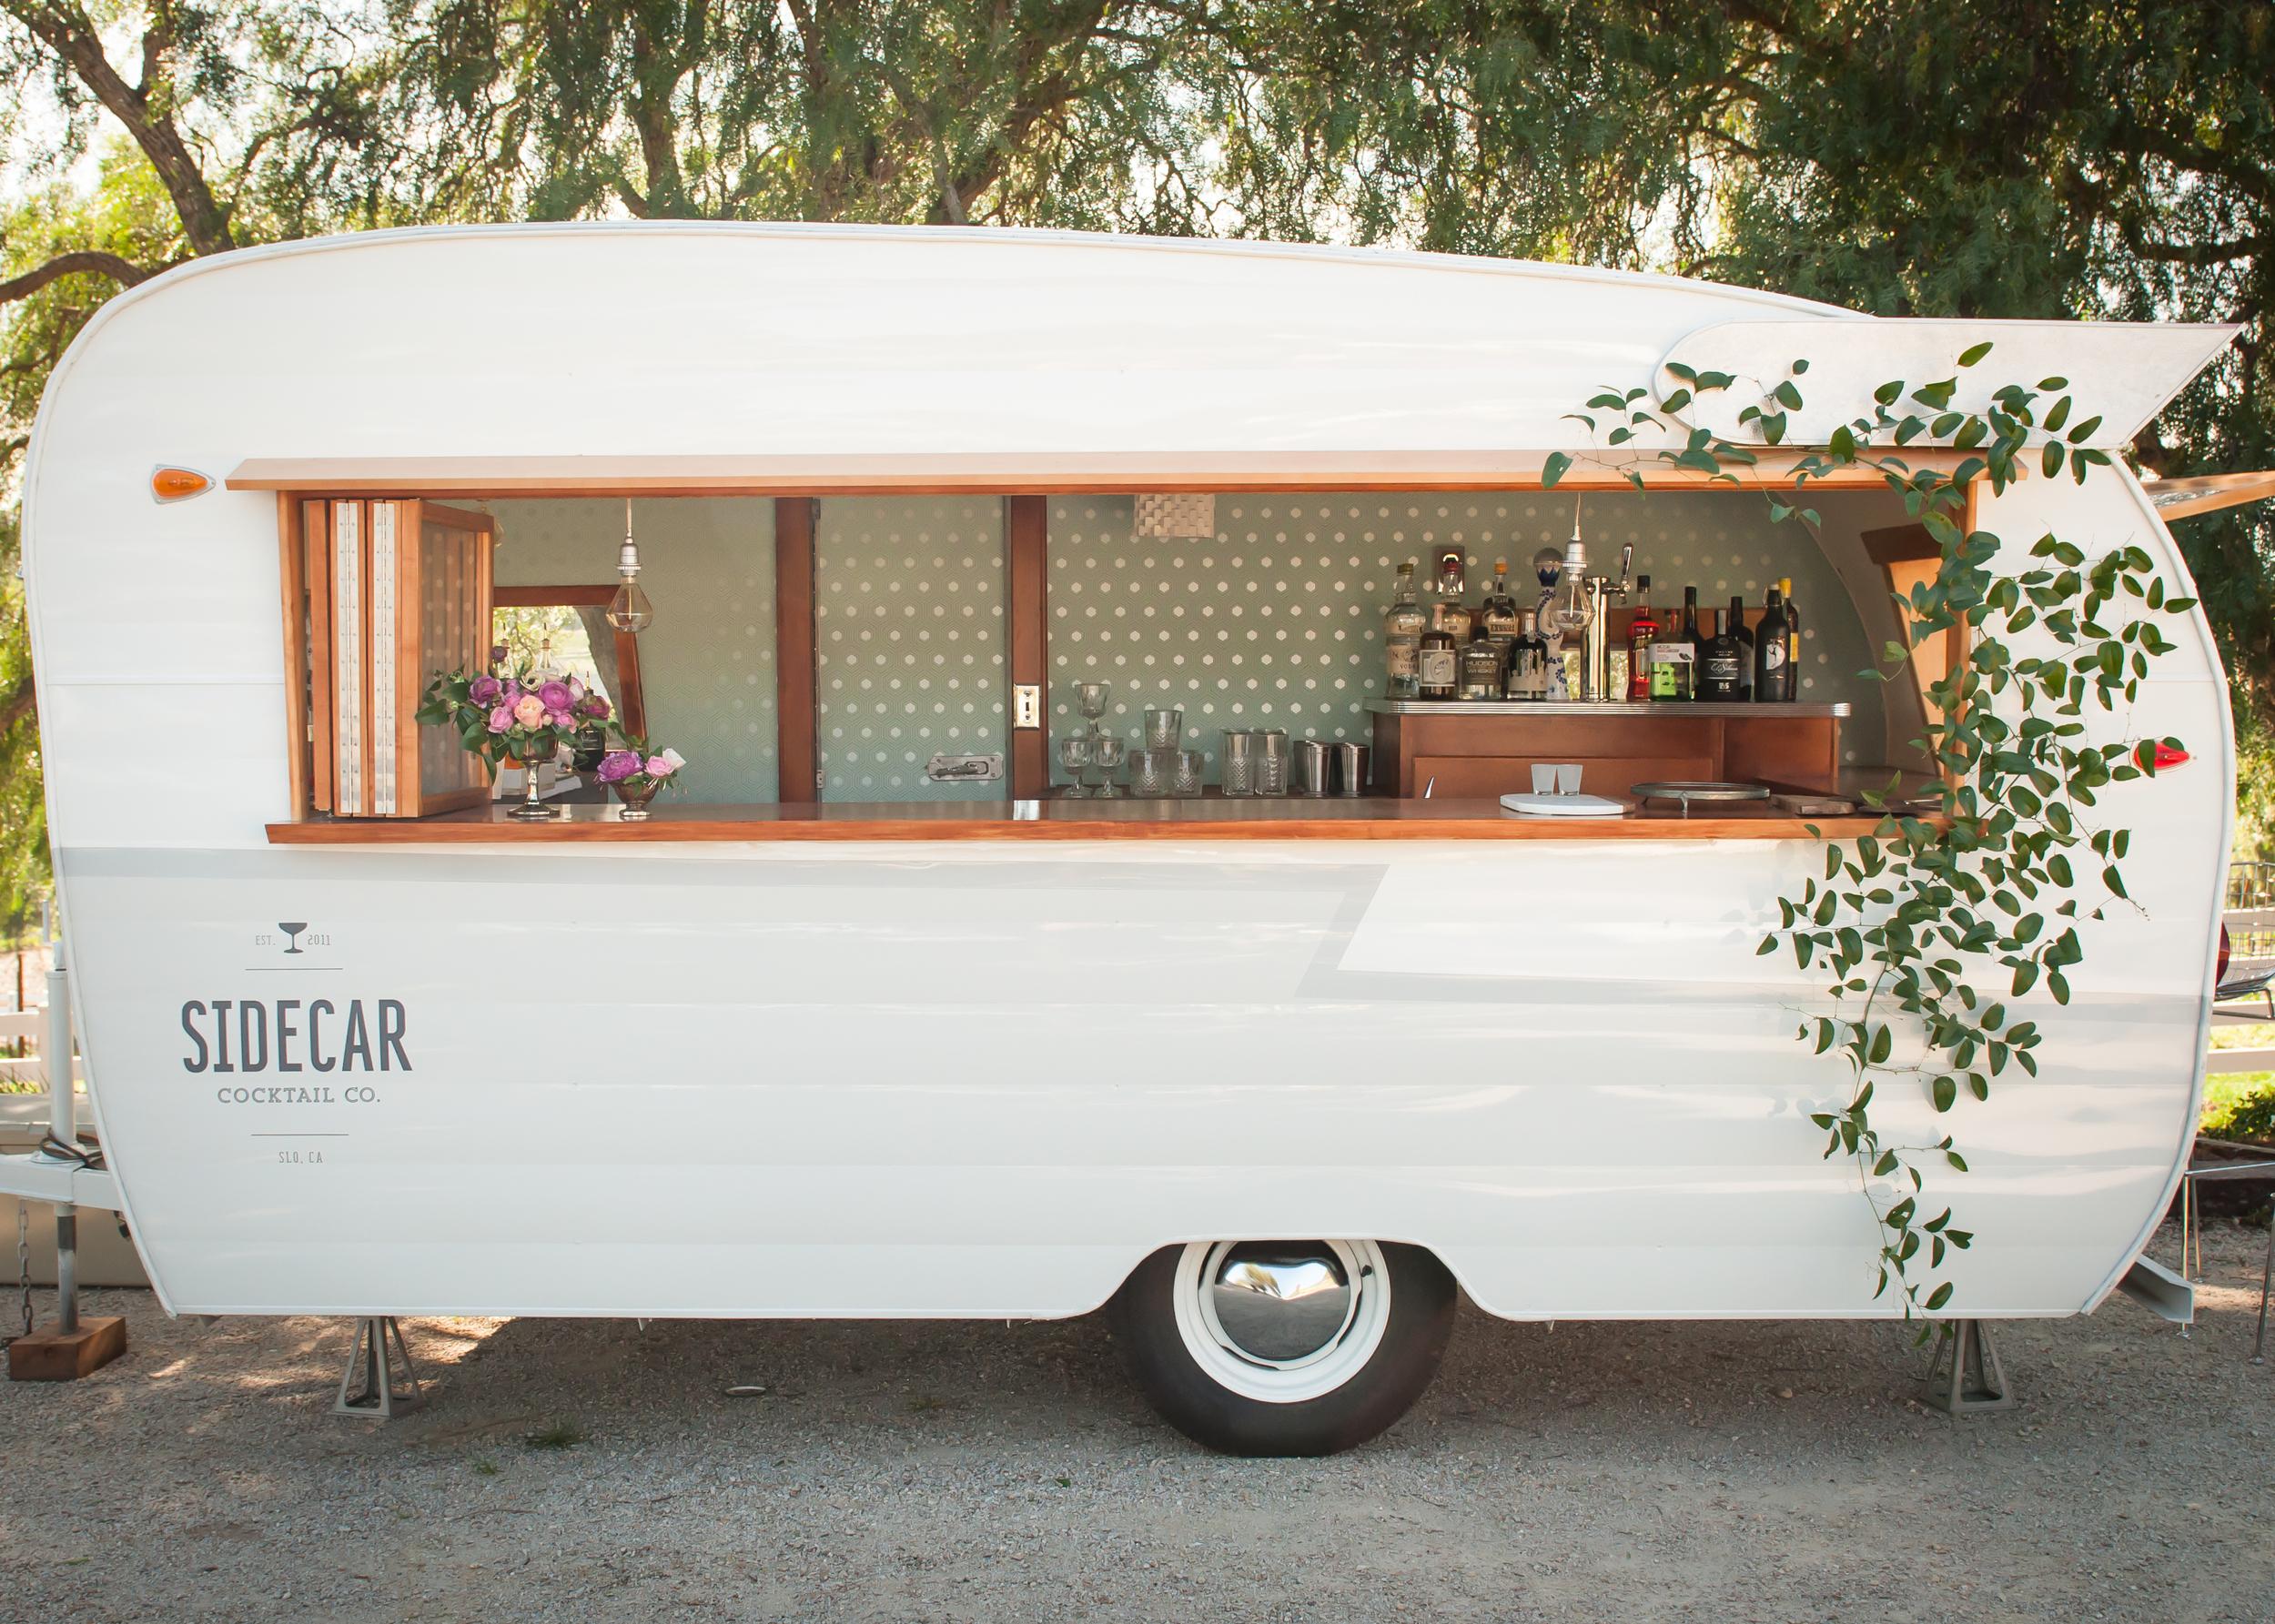 tinker-tin-trailer-co-1961-sidecar-shasta-1